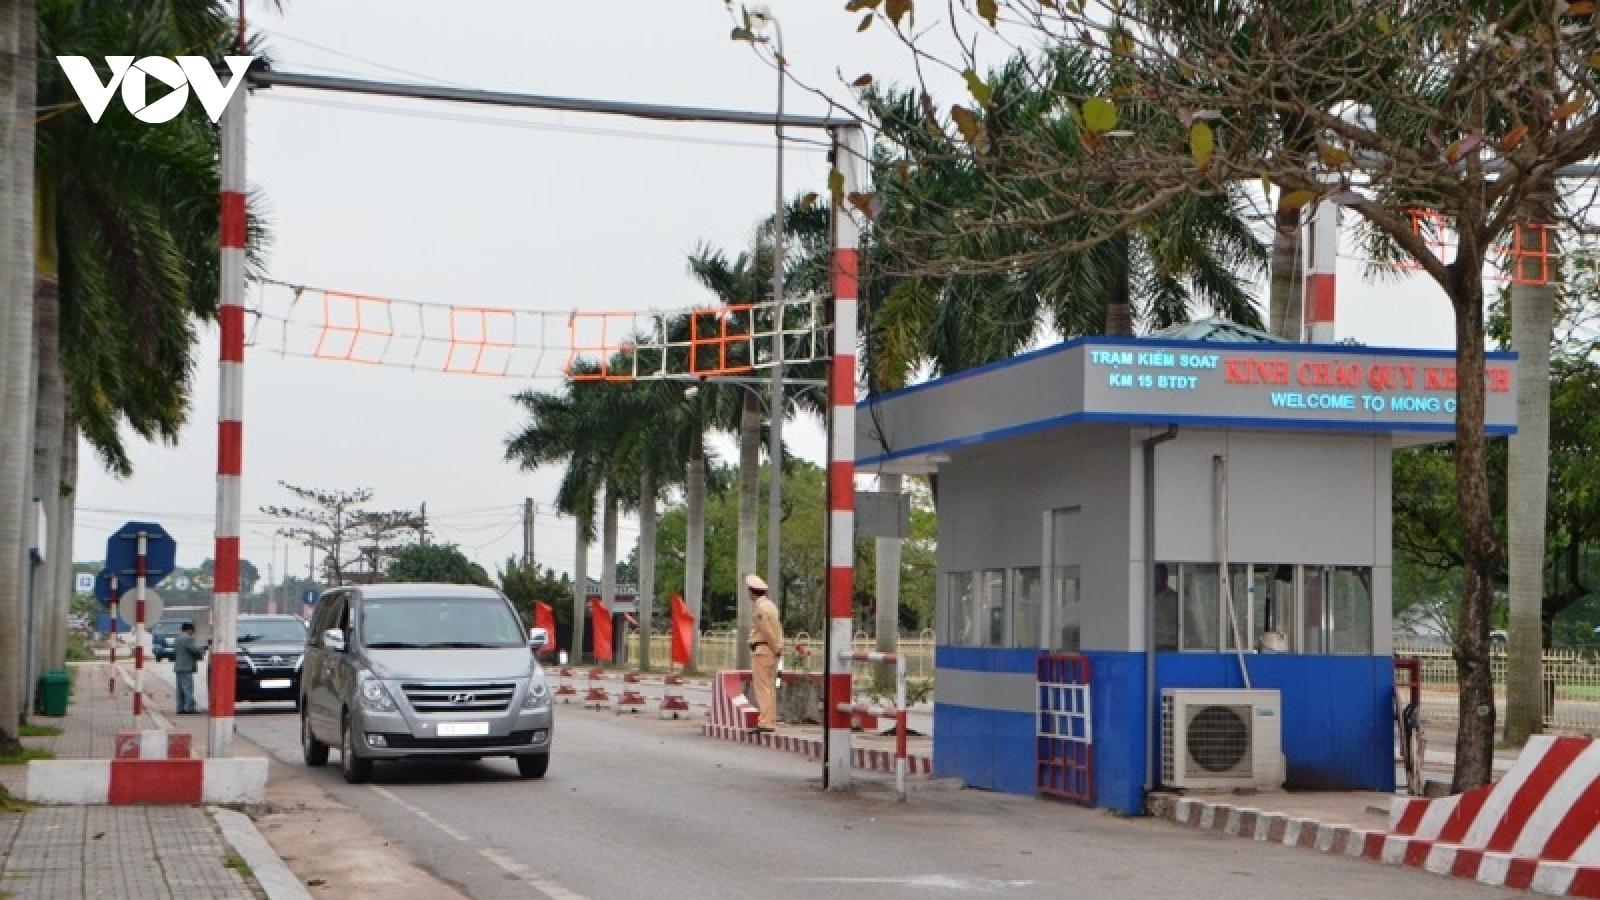 Quảng Ninh gỡ bỏ test nhanh ở Trạm Kiểm soát Km 15 - Bến tàu Dân Tiến